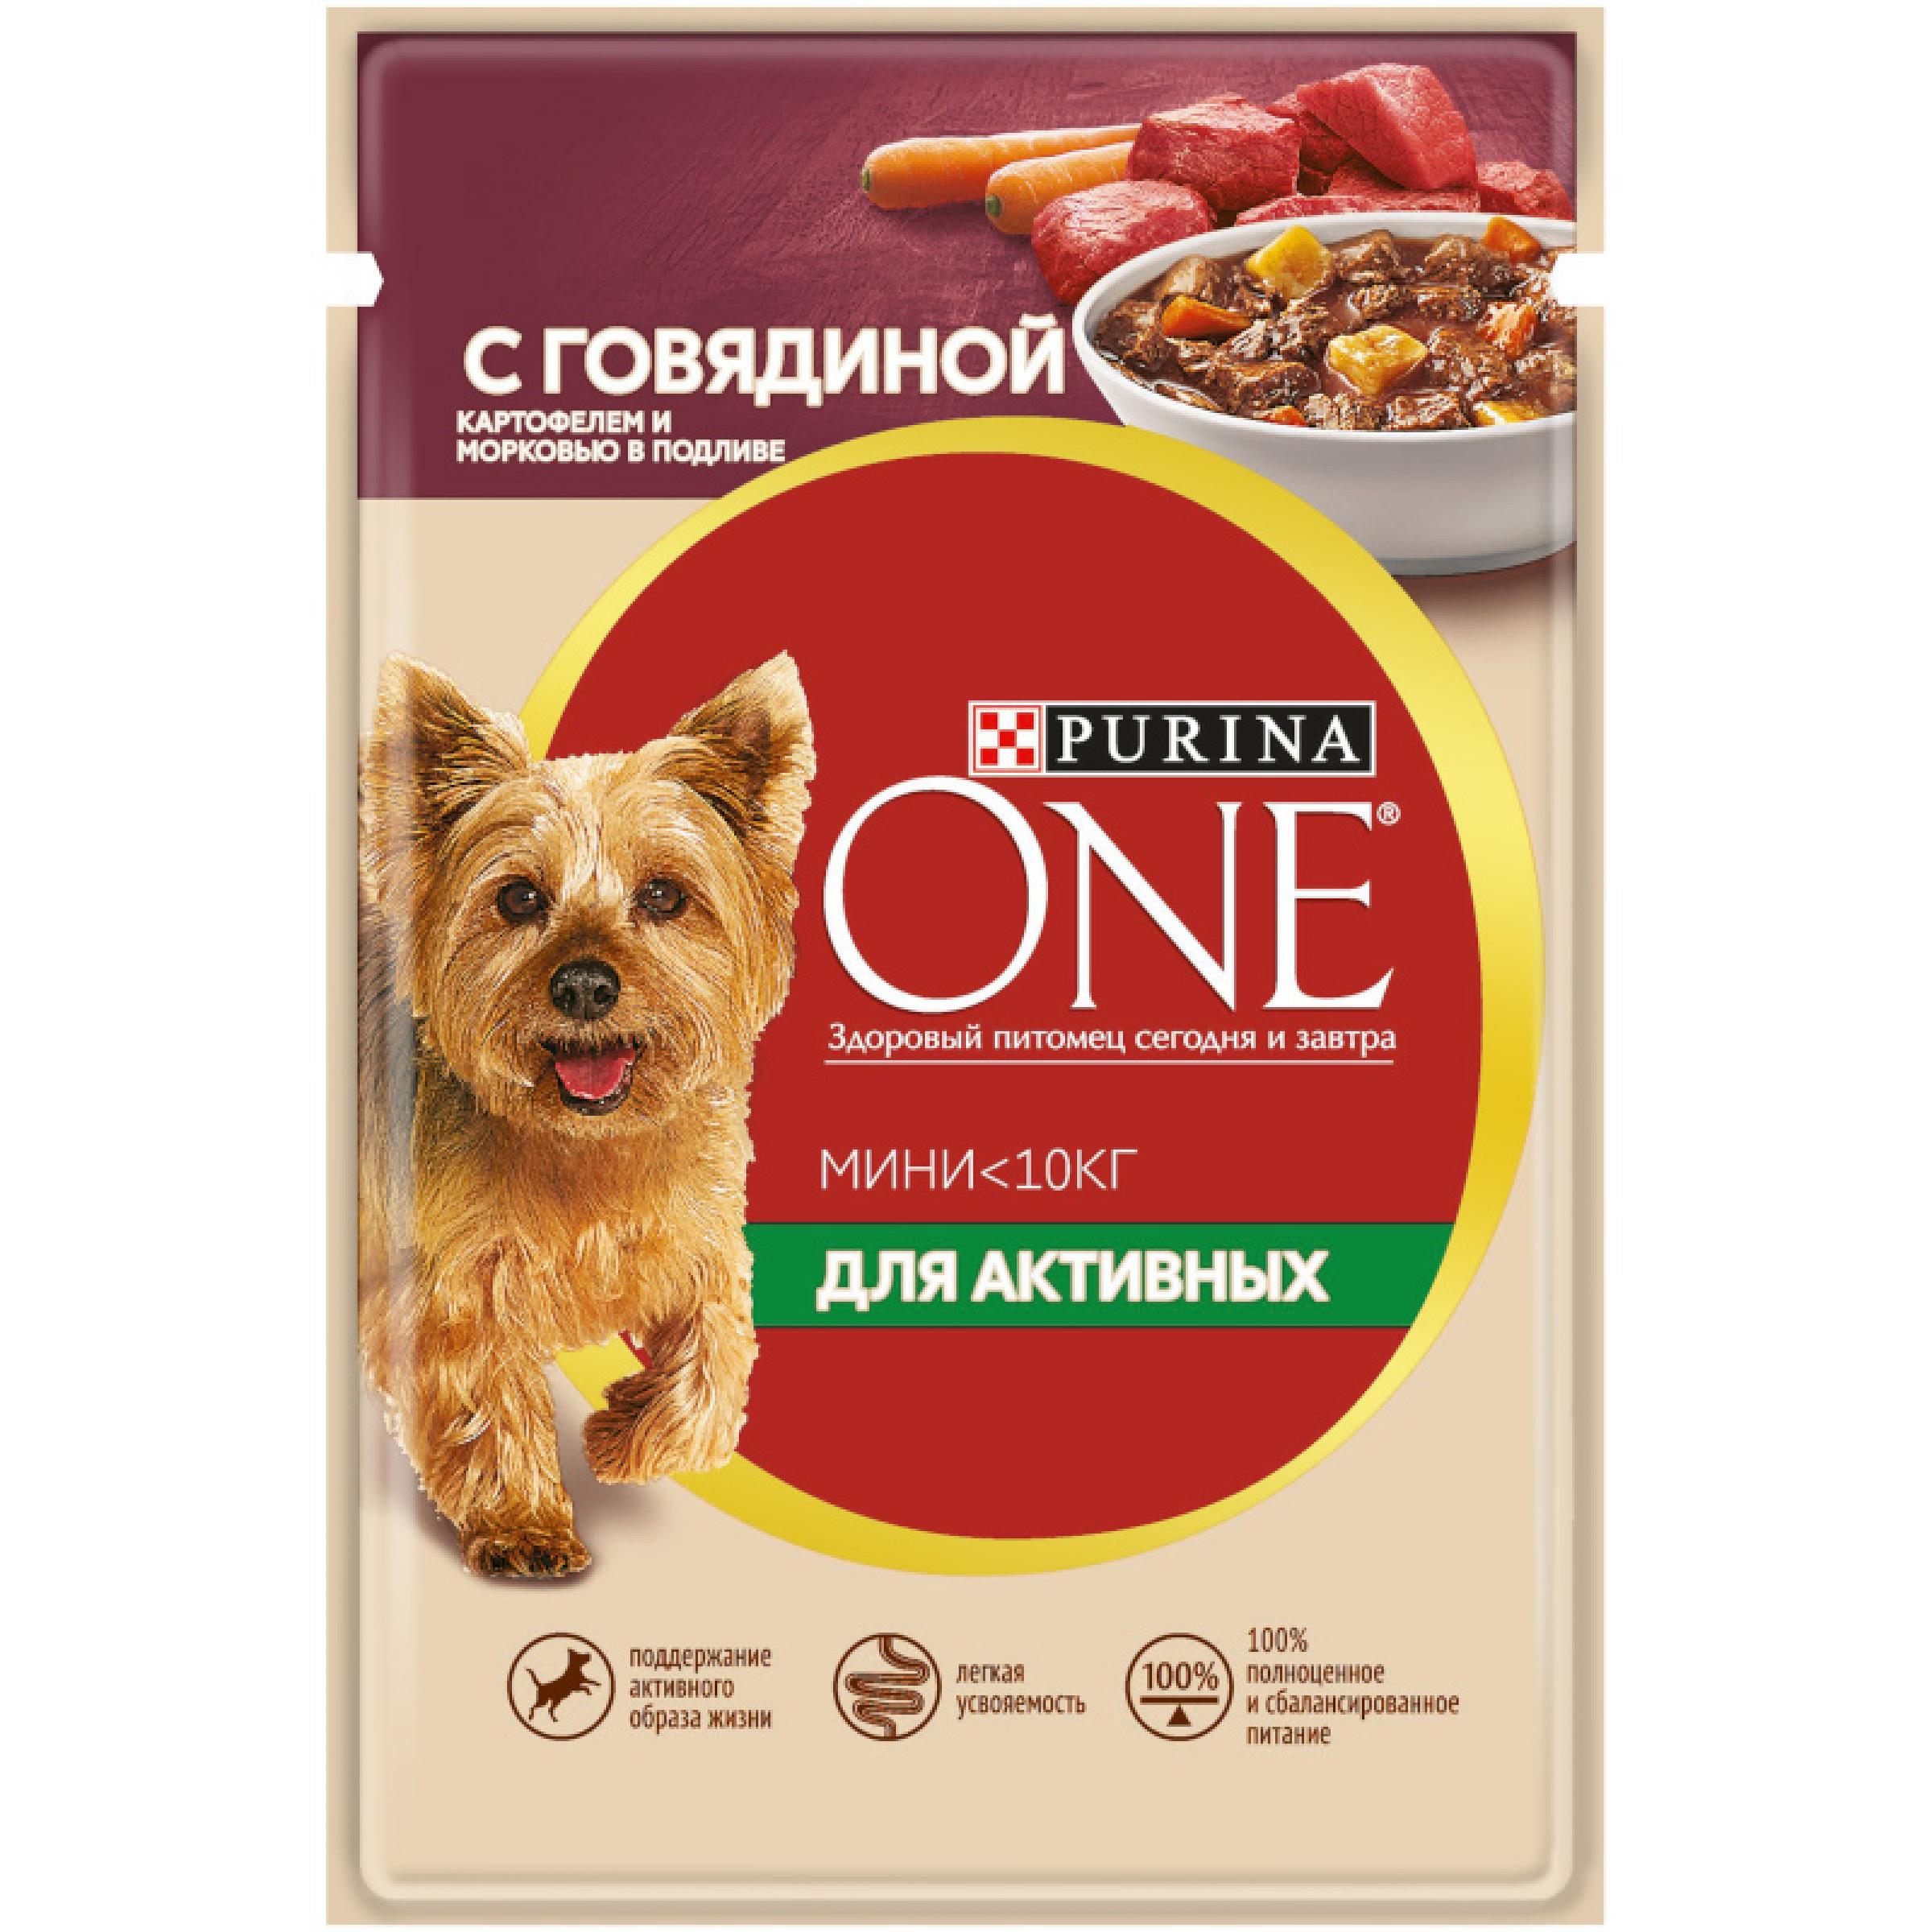 Влажный корм для собак мелких пород Purina ONE МИНИ Для активных с говядиной, картофелем и морковью в подливе, 85 гр